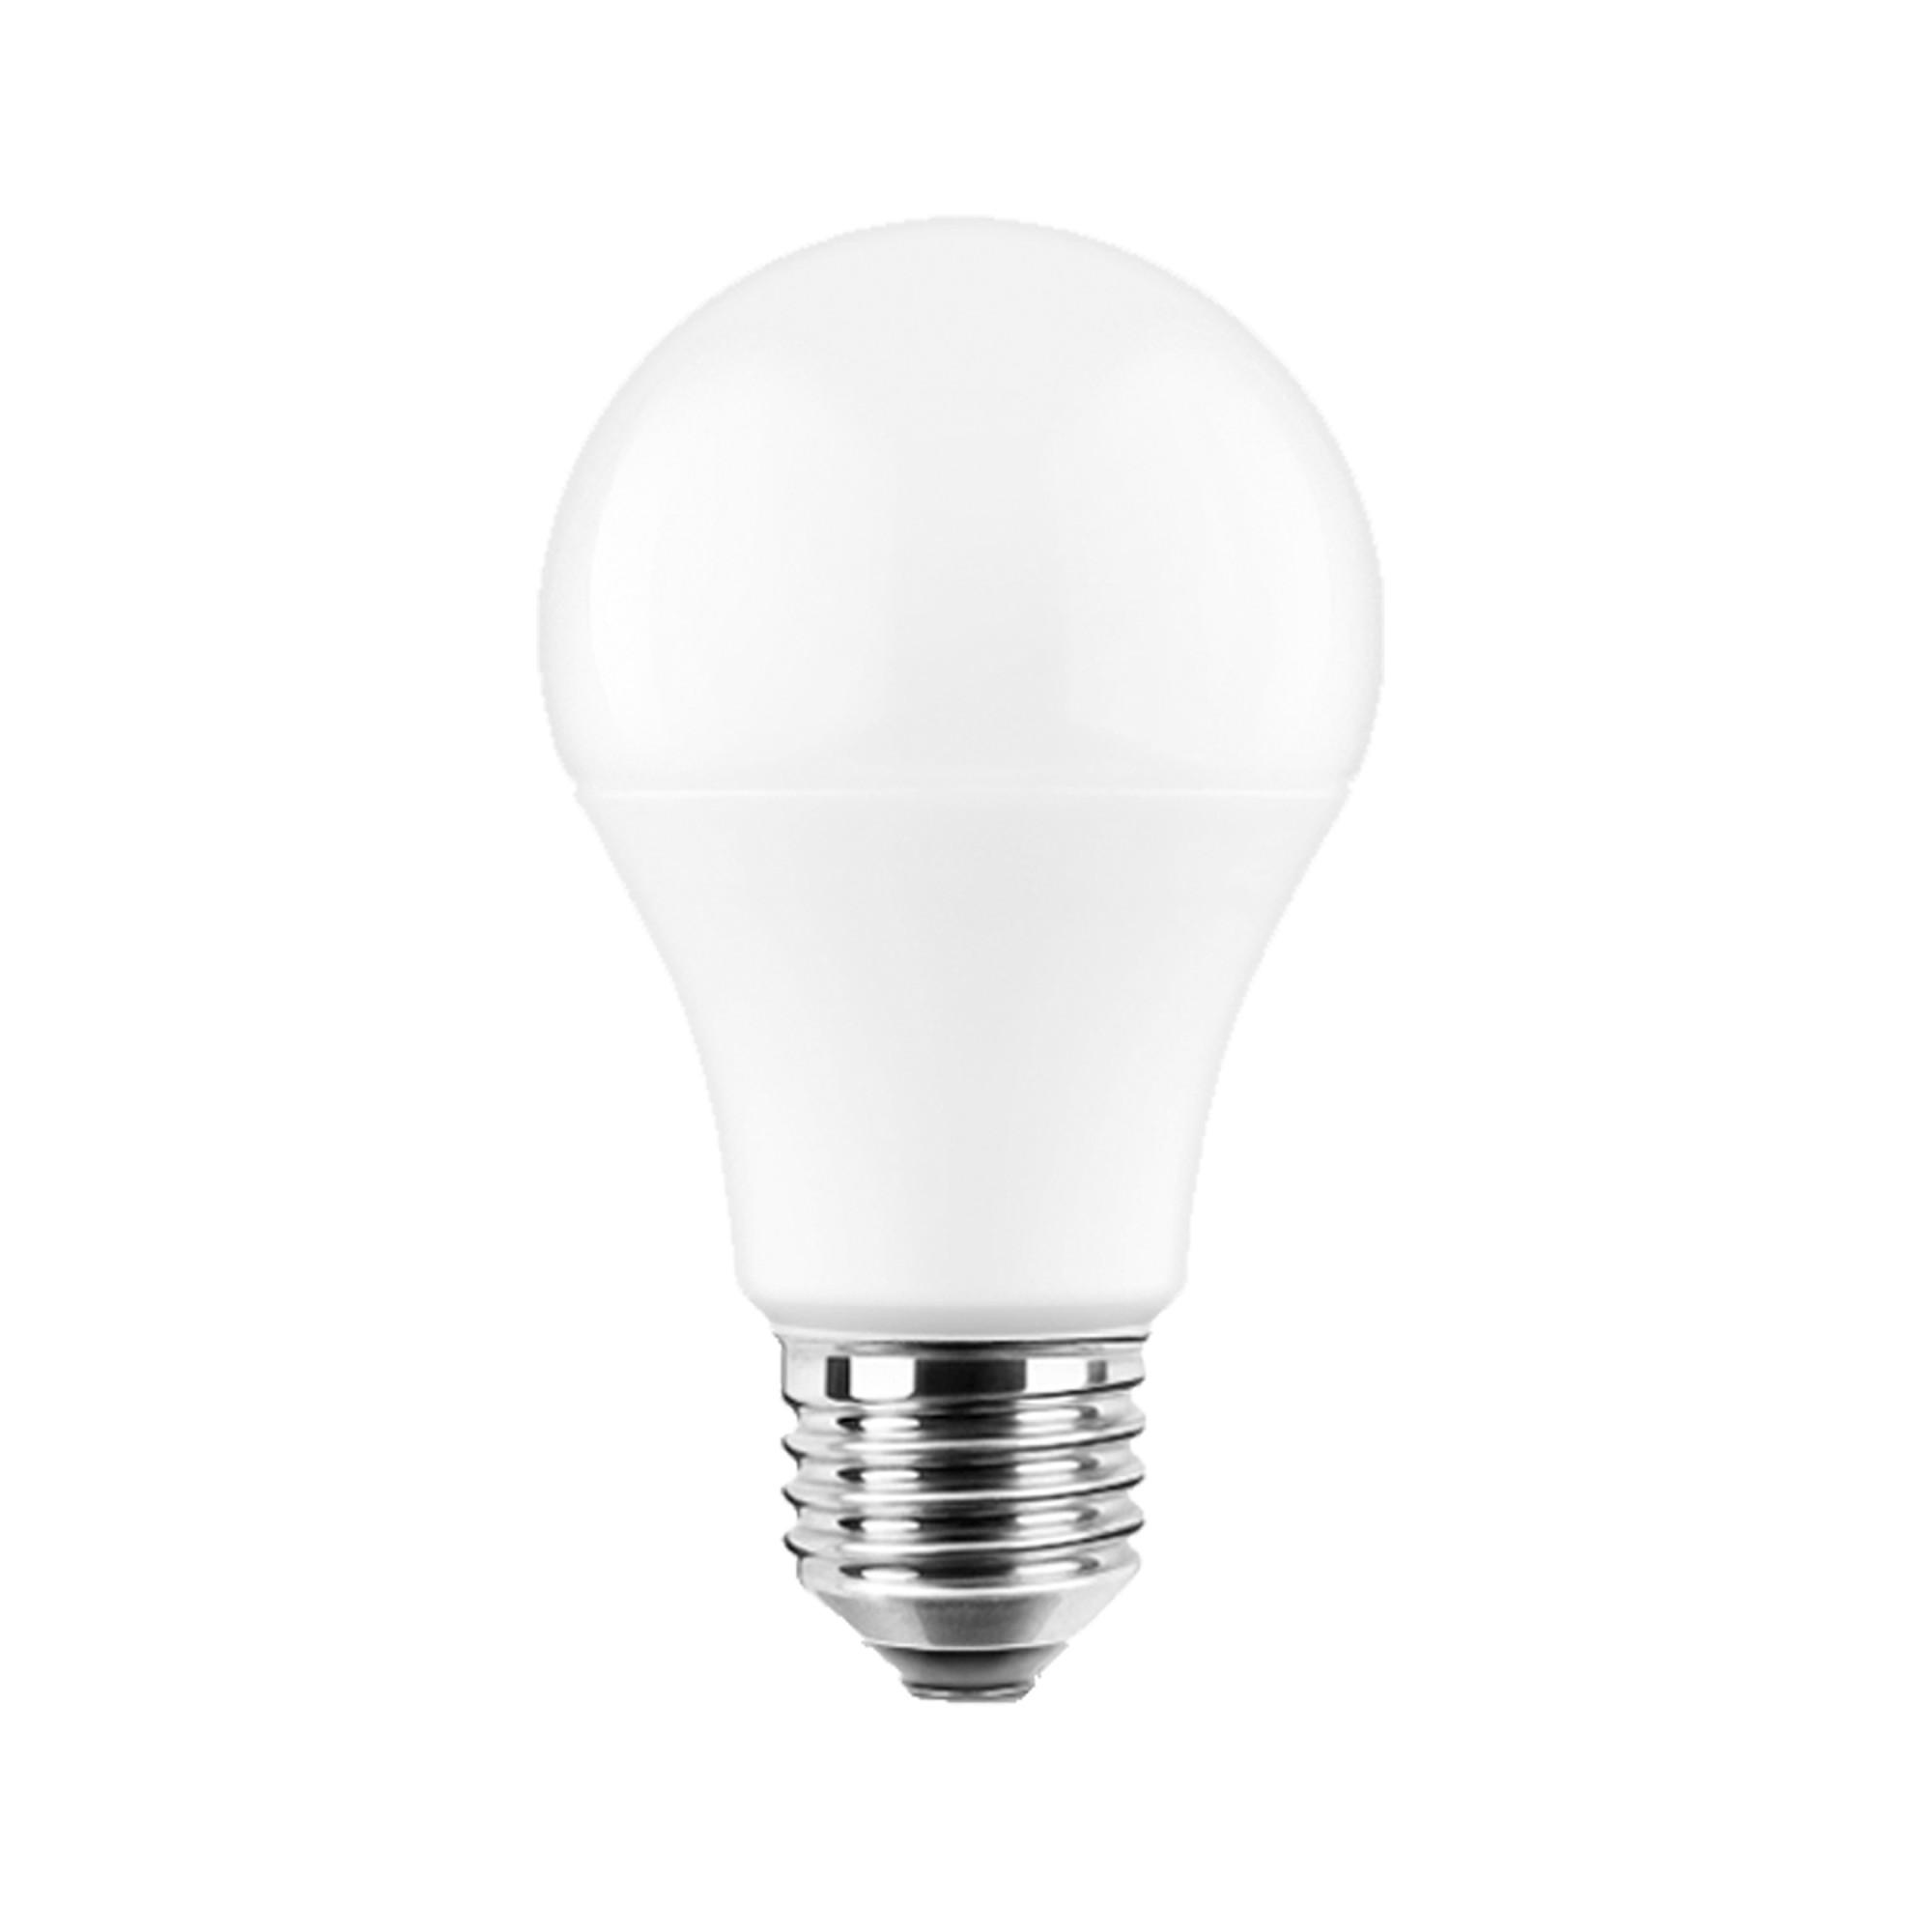 Лампа светодиодная Lexman E27 220 В 10 Вт груша матовая 1055 лм тёплый белый свет